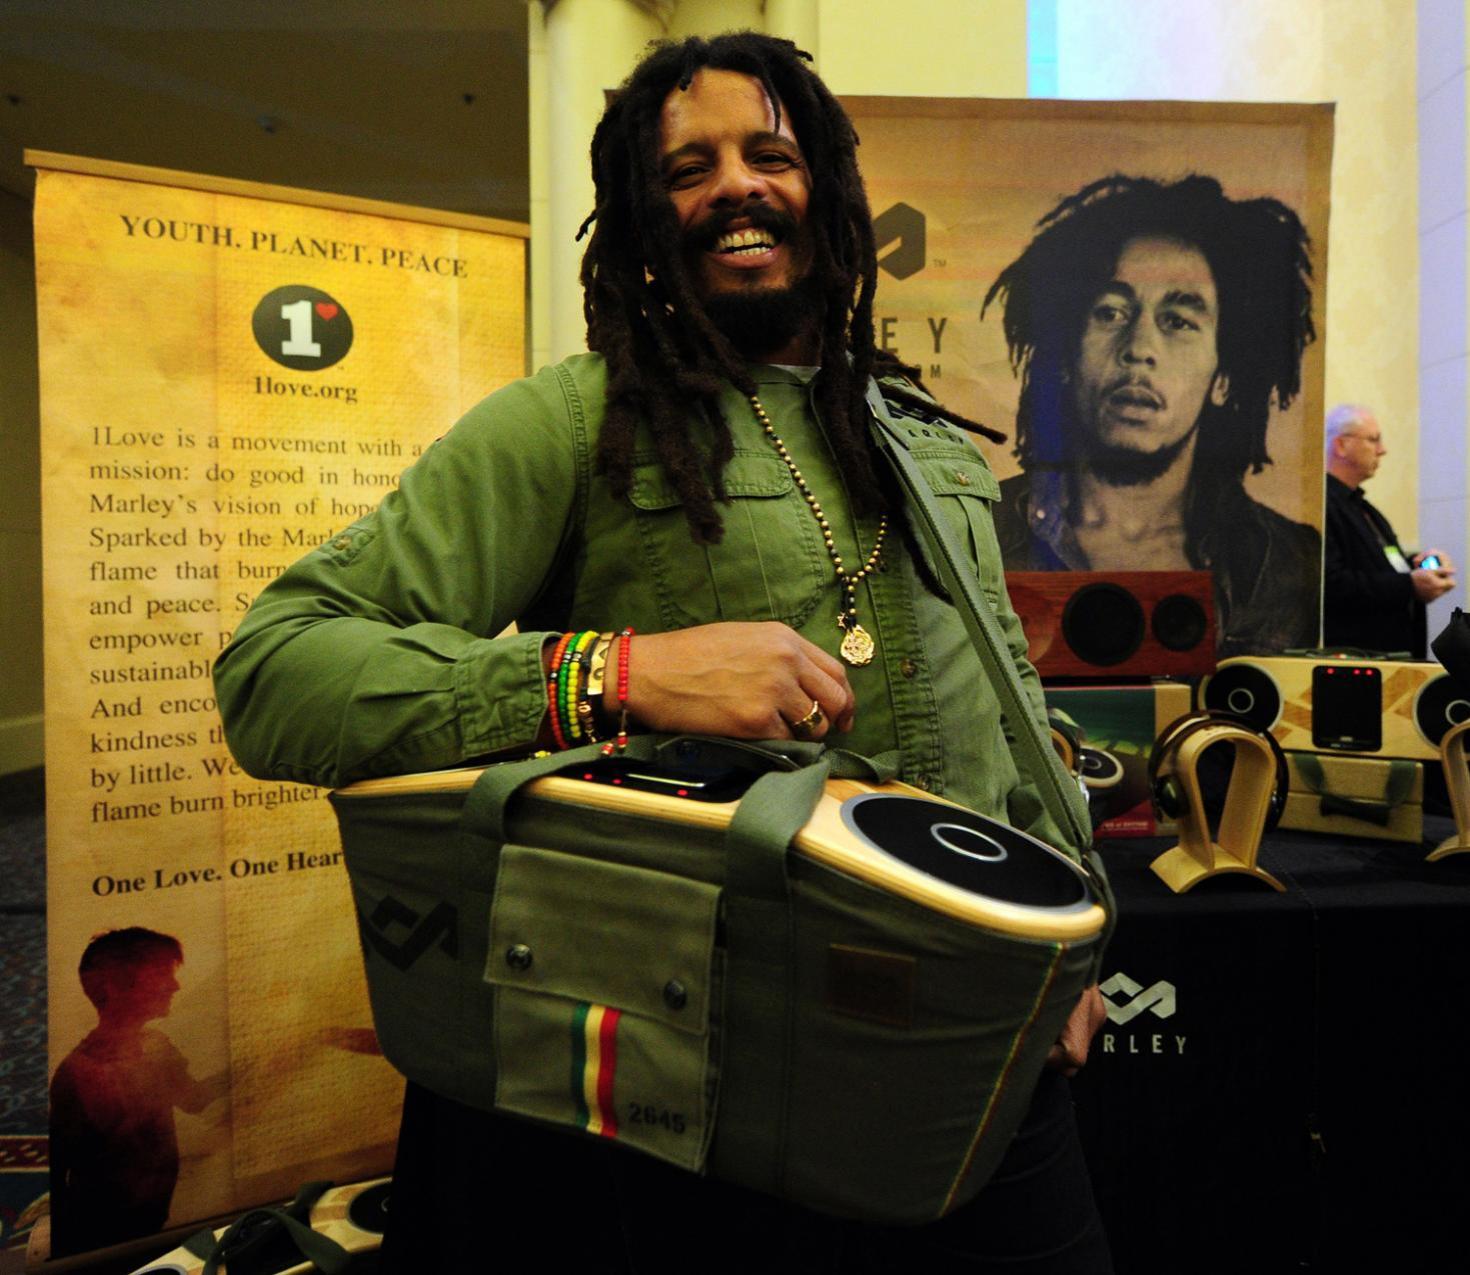 jamaica társkereső weboldalak